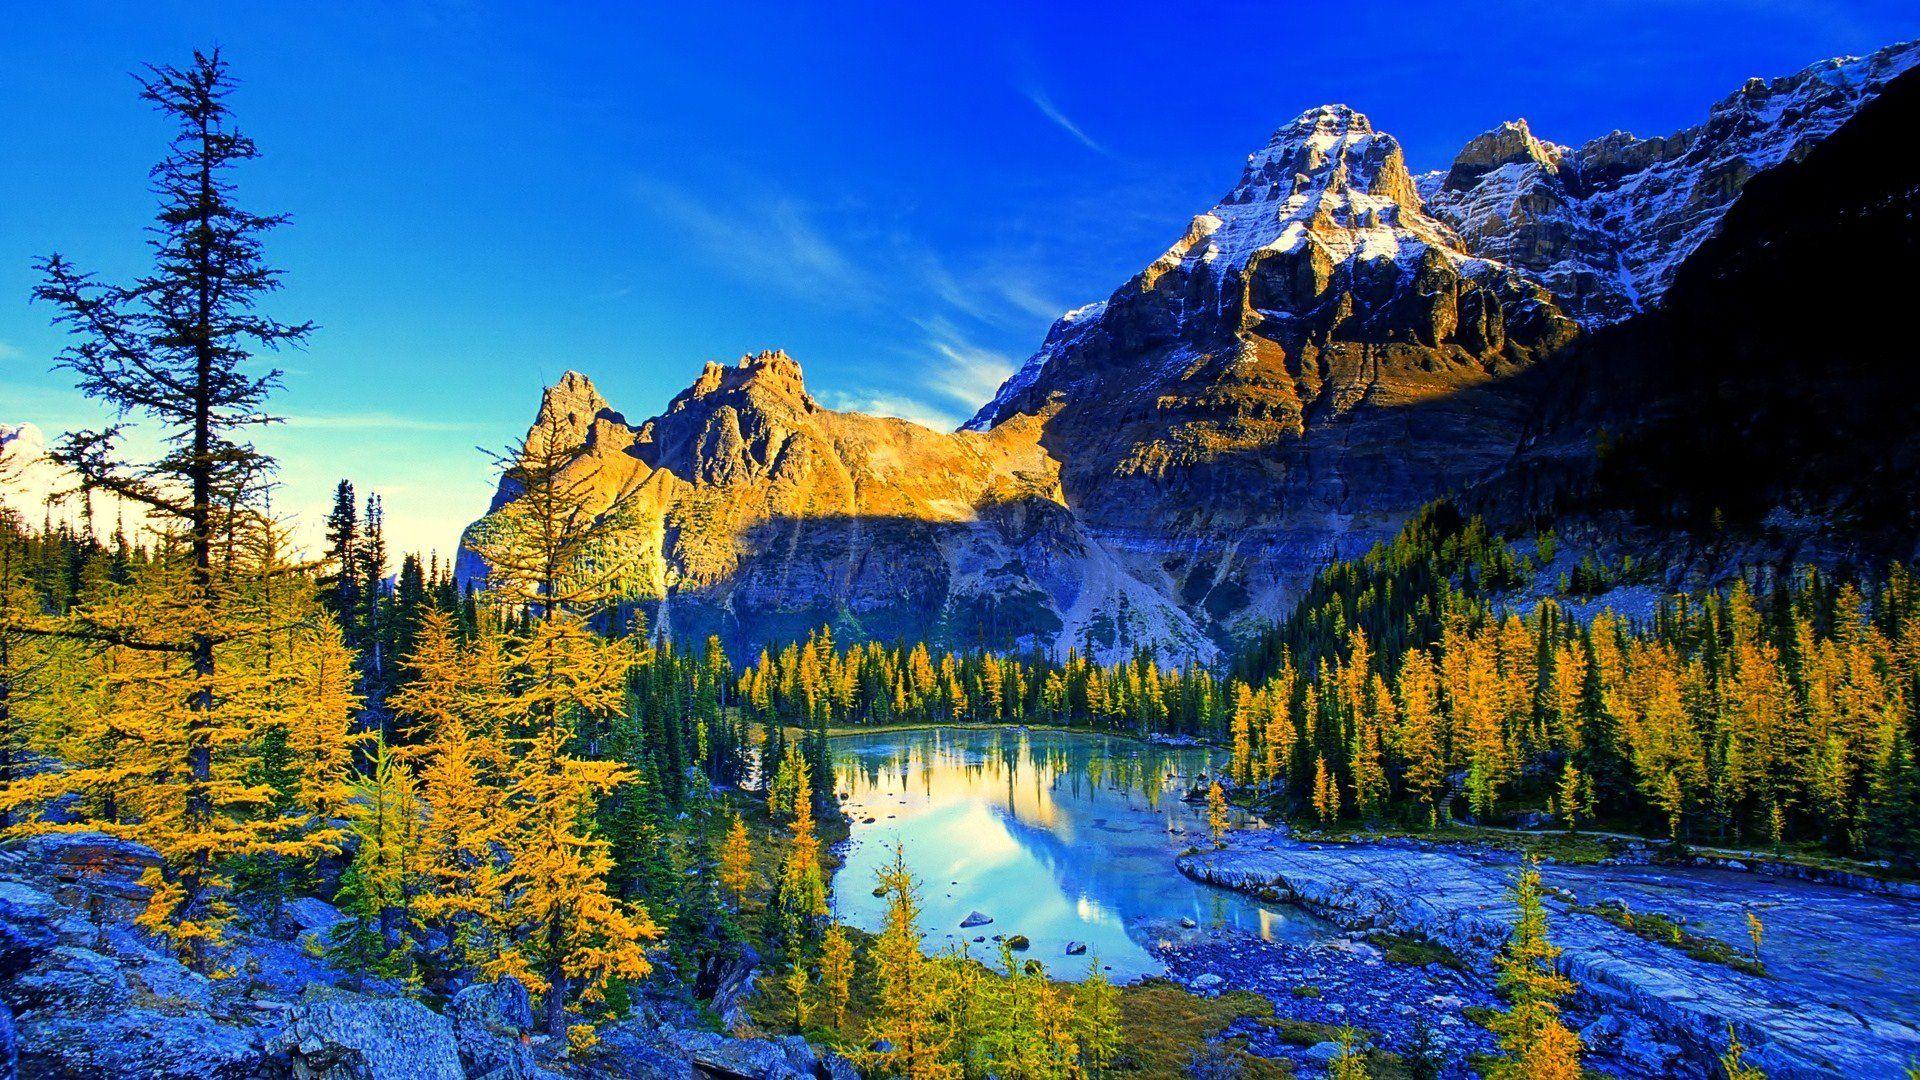 cảnh đẹp thiên nhiên như tranh vẽ